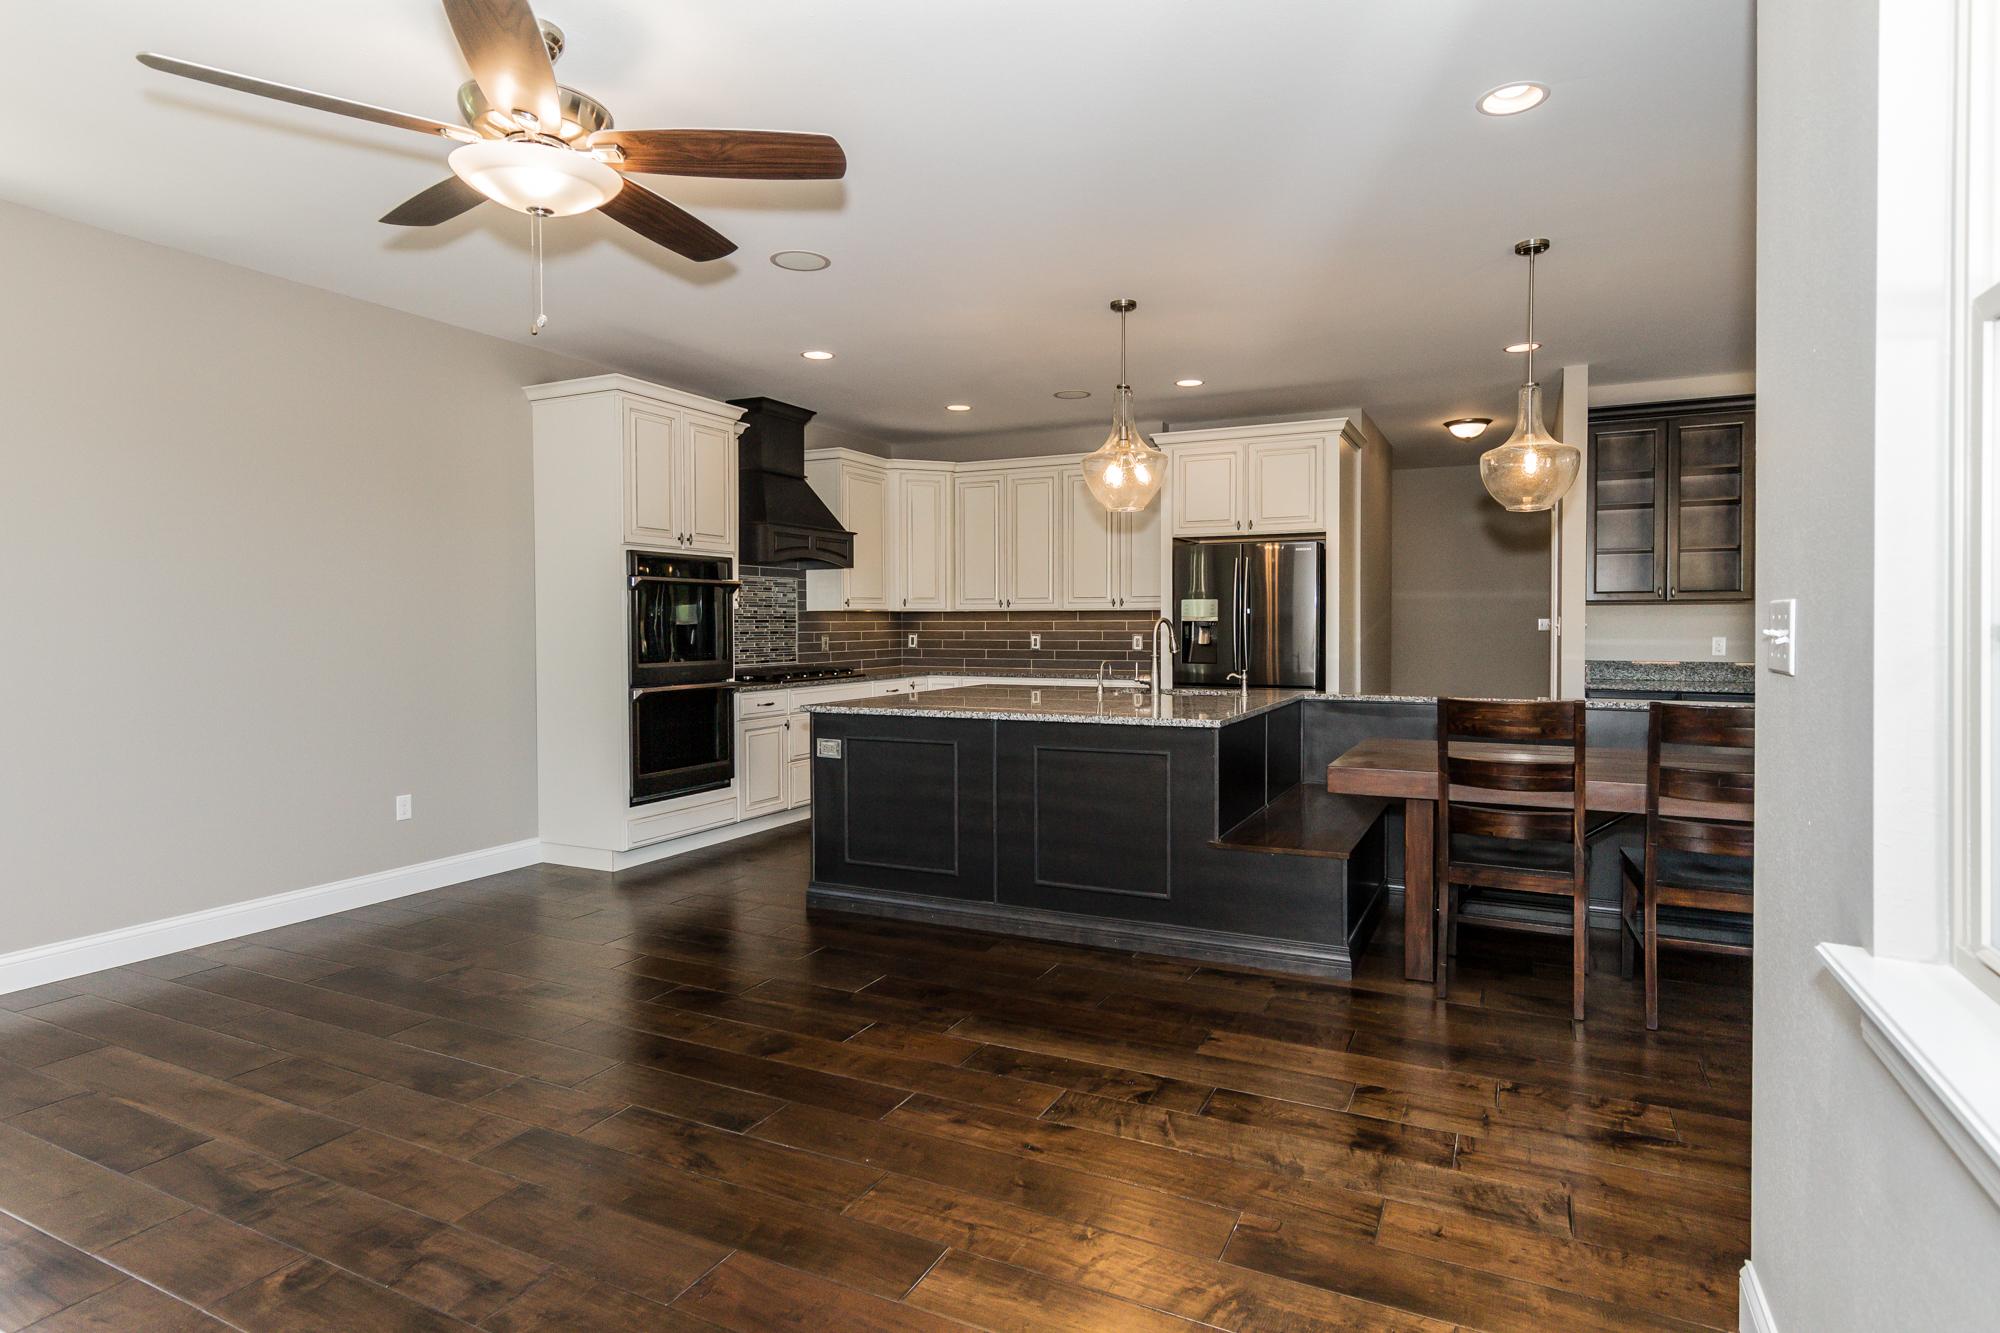 New-Construction-For-Sale-O'Fallon-Illinois-CR-Holland-0-36.0.jpg